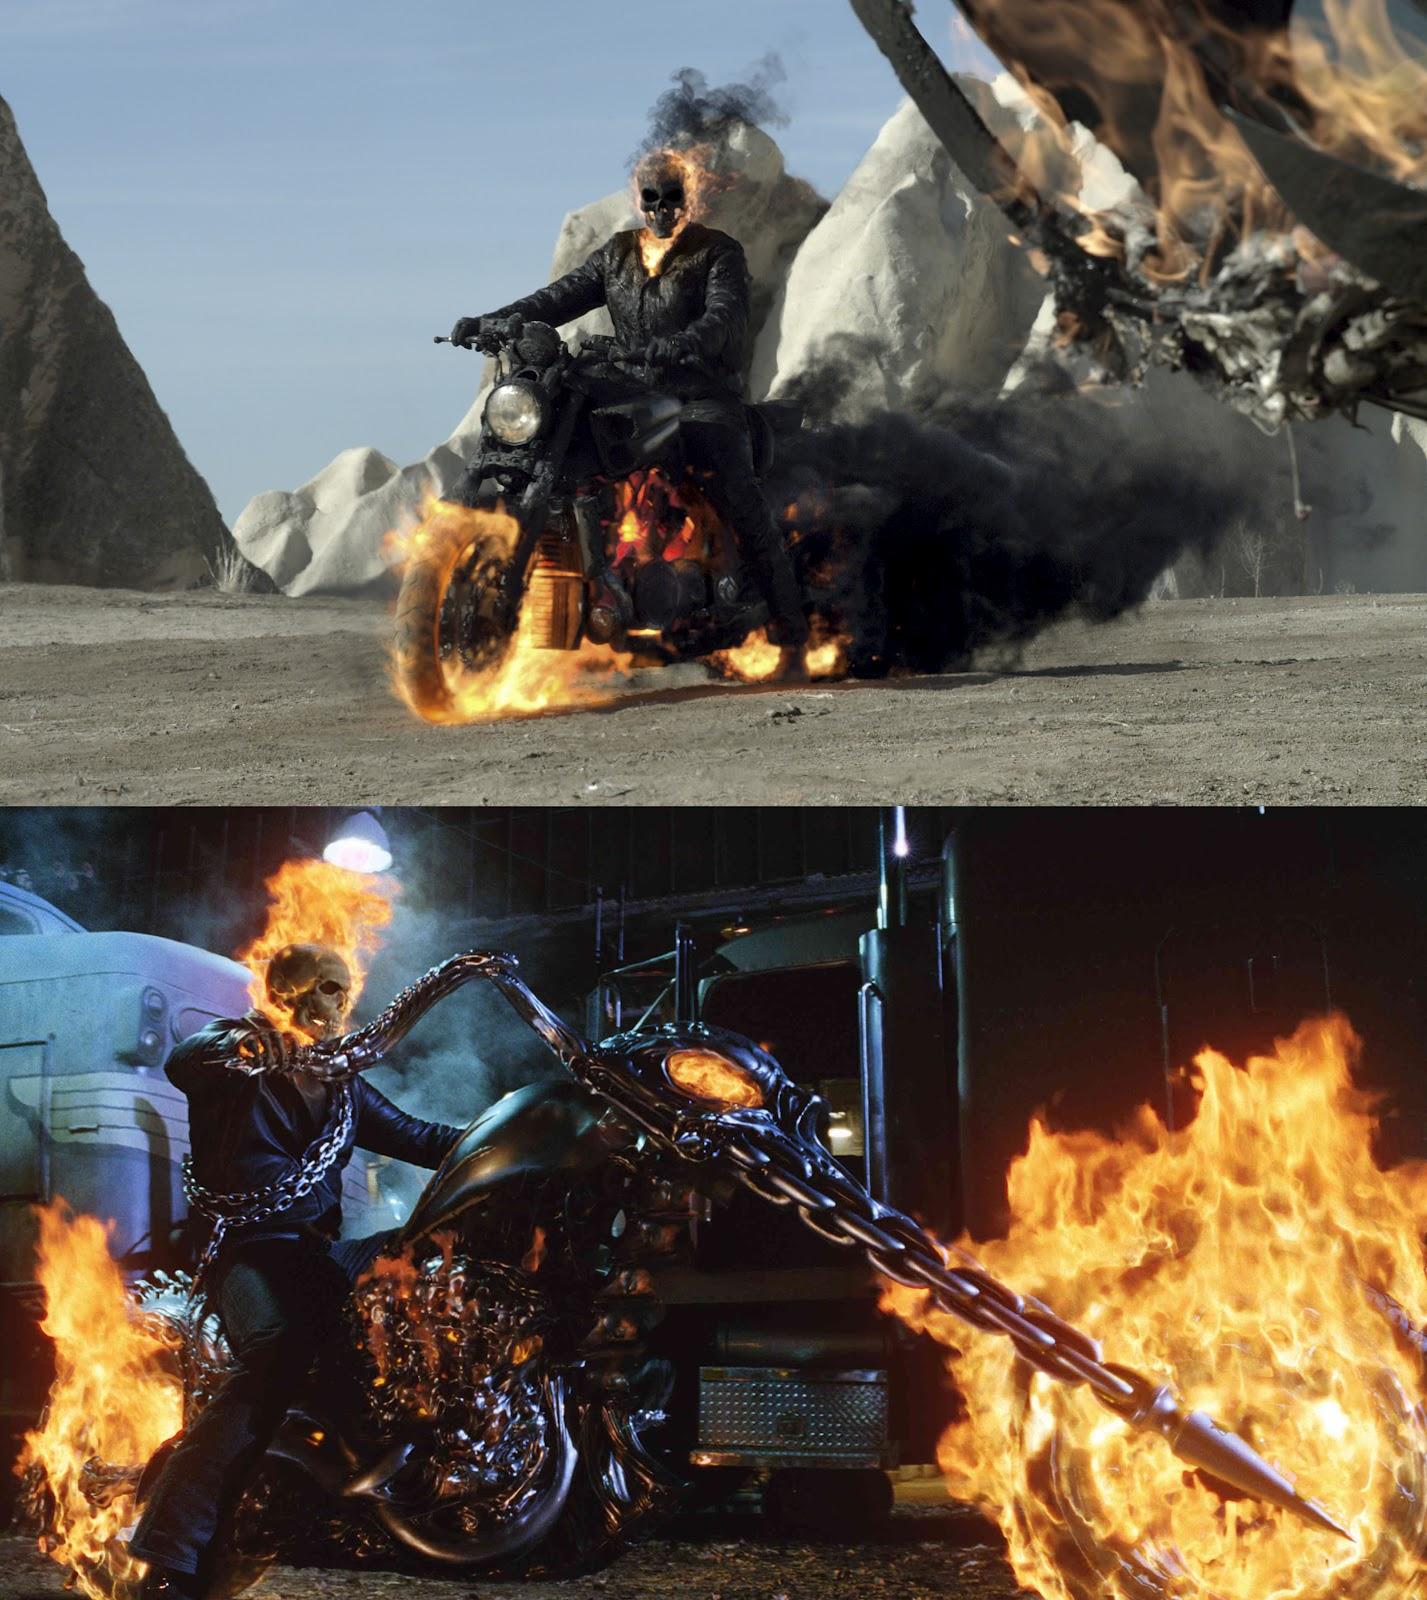 taokaka vs ghost rider - photo #14